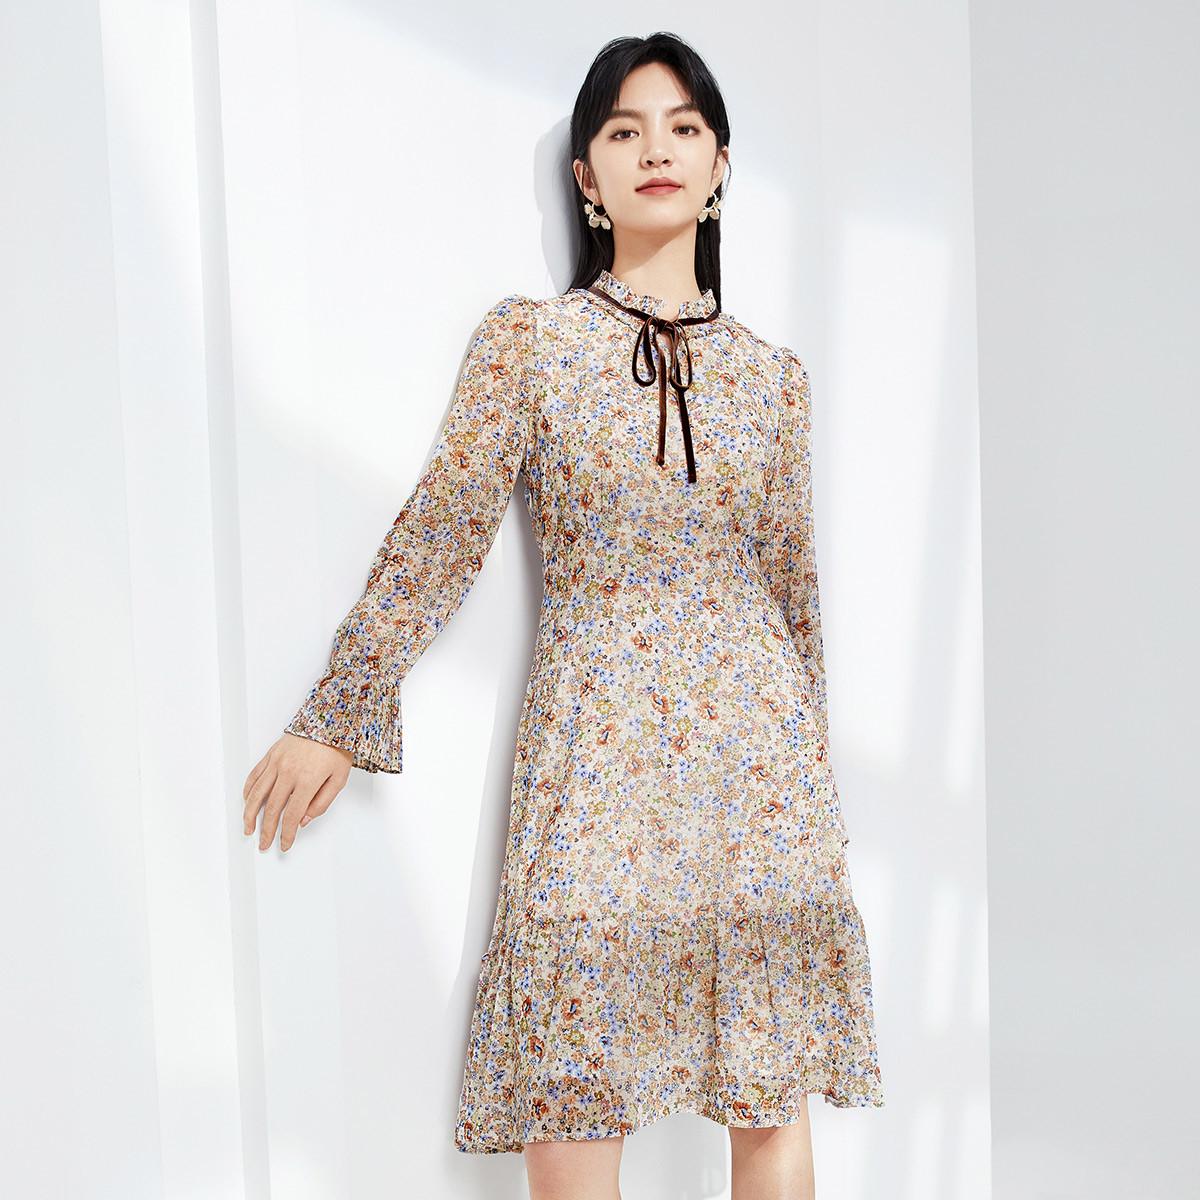 eifini 伊芙丽 1C1995181-1甜瓜桔  女士连衣裙